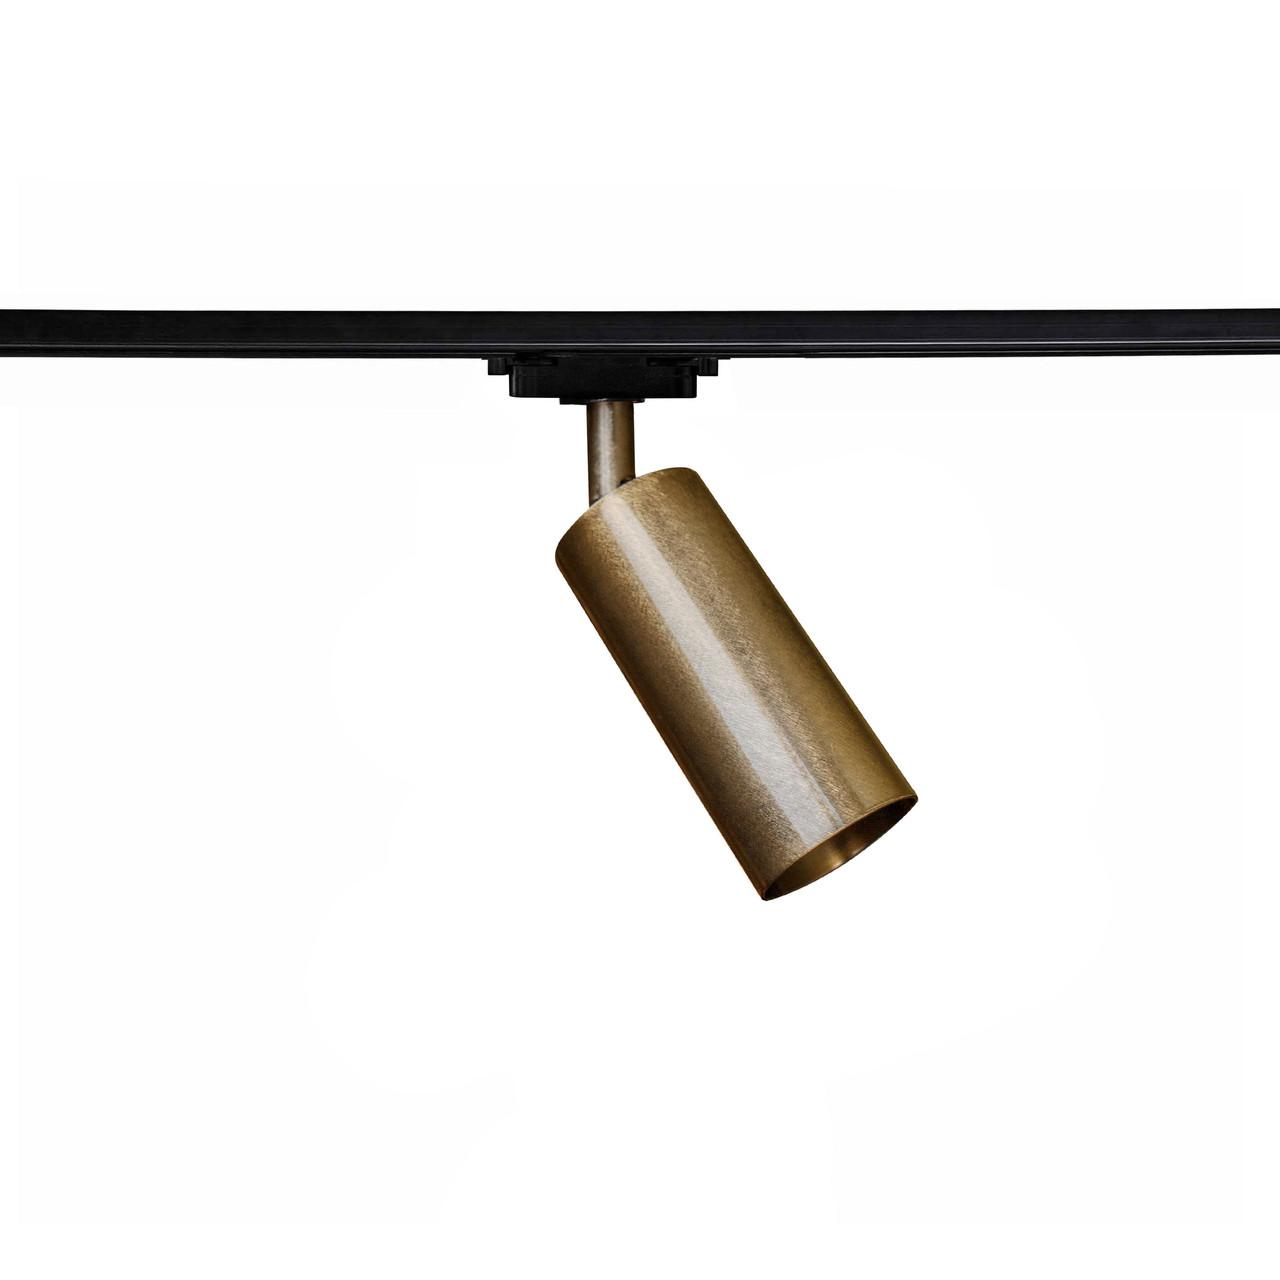 Світильник трековий під лампу Е27 MSK Electric NT 1105-1 BN бронза